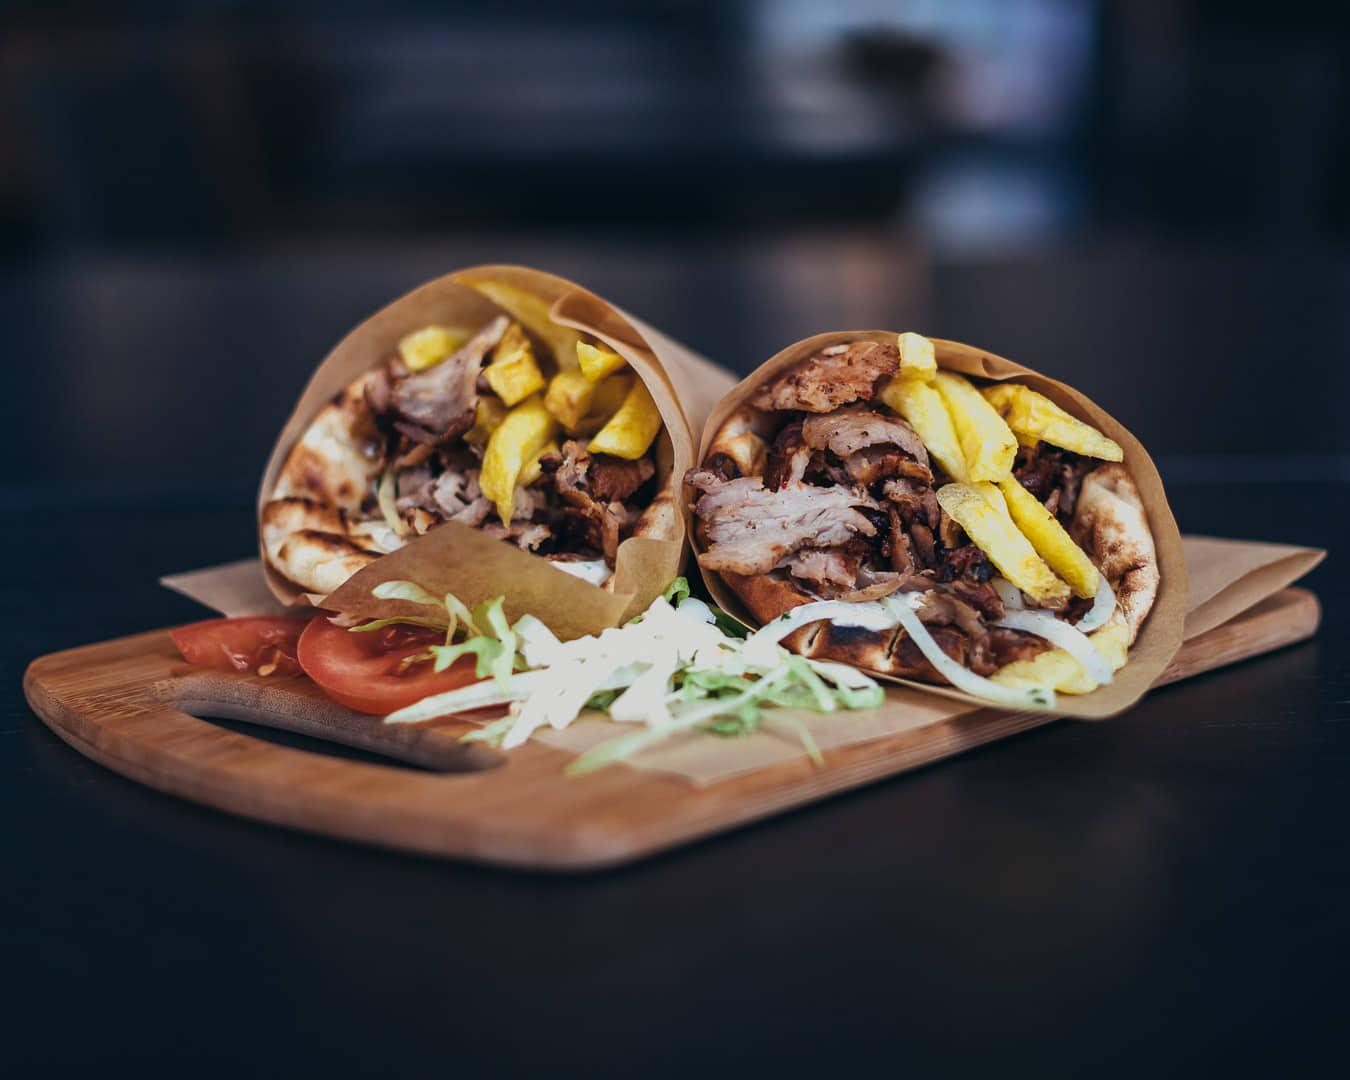 Ψαχνά: Άνοιξε το Grill House «Στο Ψαχνό» giros 2